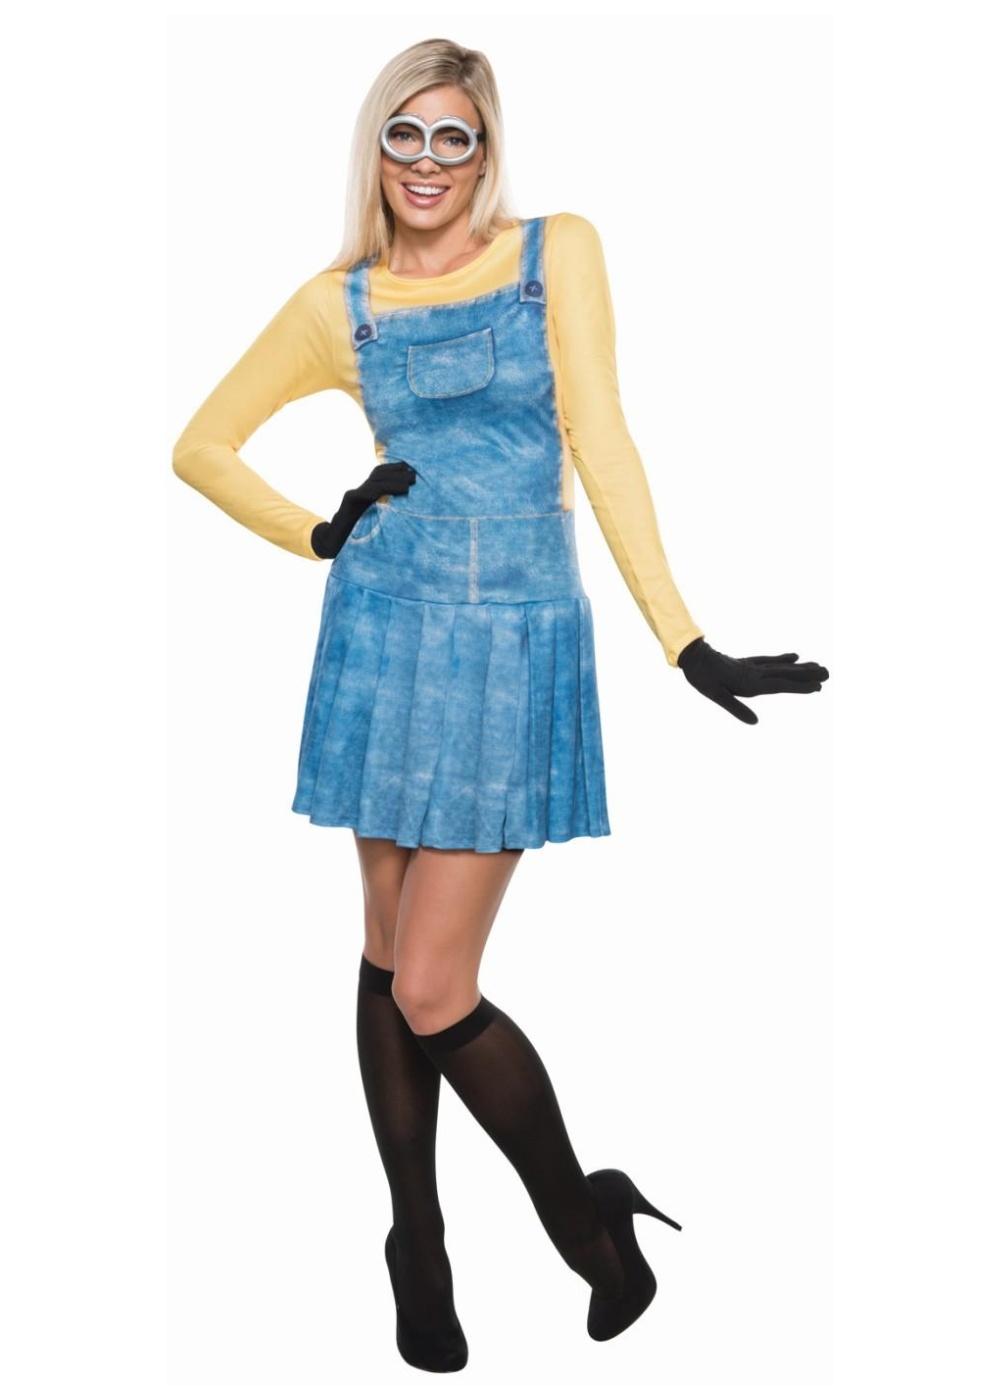 womens costumes kmart &  kmart halloween costumes for women halloween